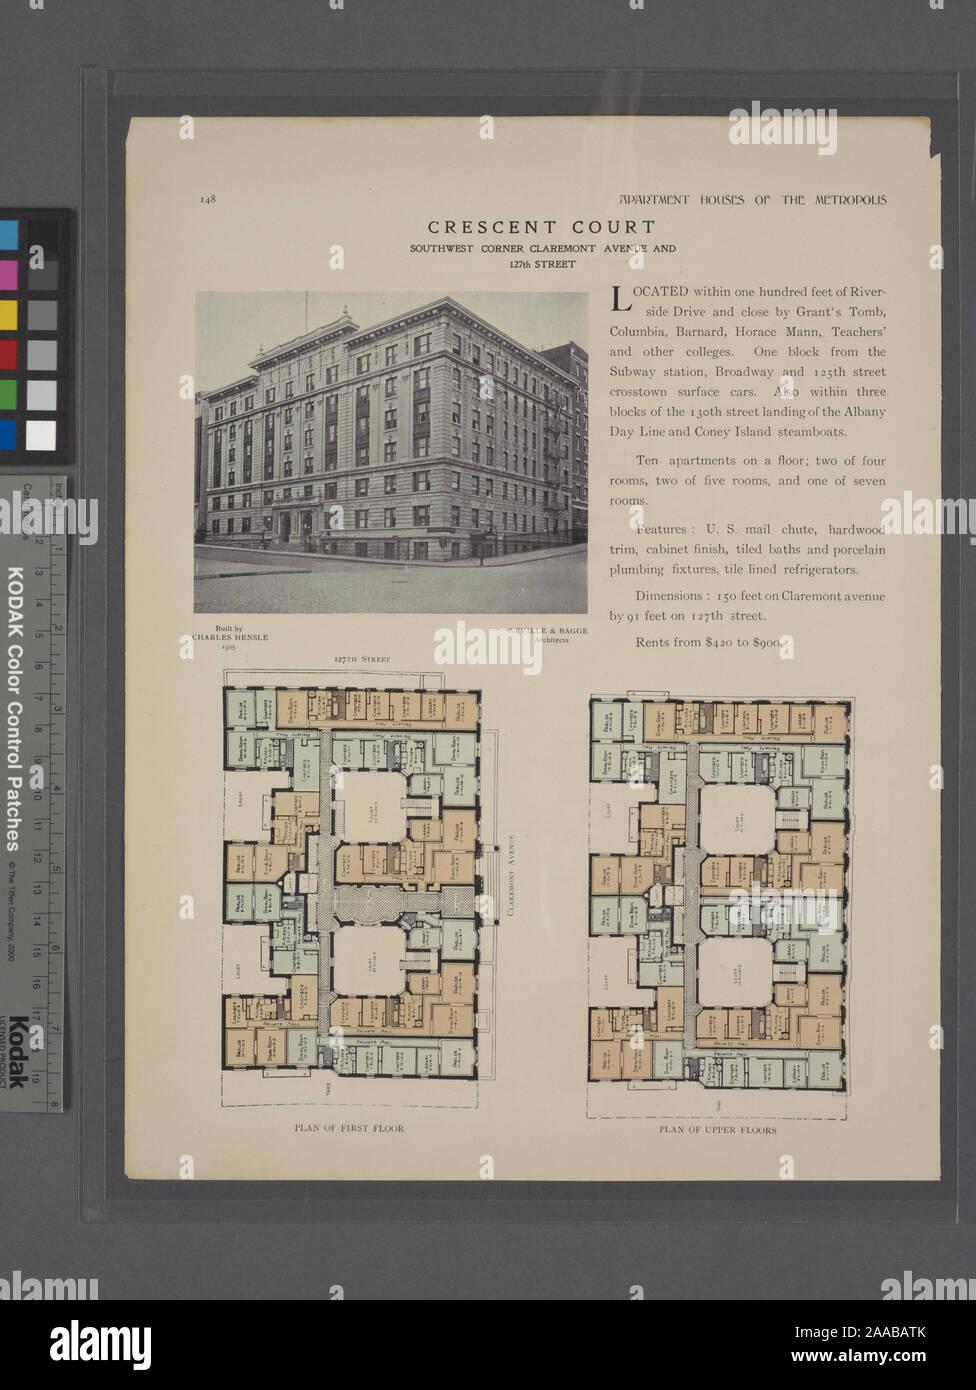 Comprend un index. Construit par Charles Hensle, 1905 / architectes - Neville & Bagge; Crescent Court, angle sud-ouest avenue Claremont et 127th Street; Plan d'étage; plan d'étages supérieurs. Banque D'Images